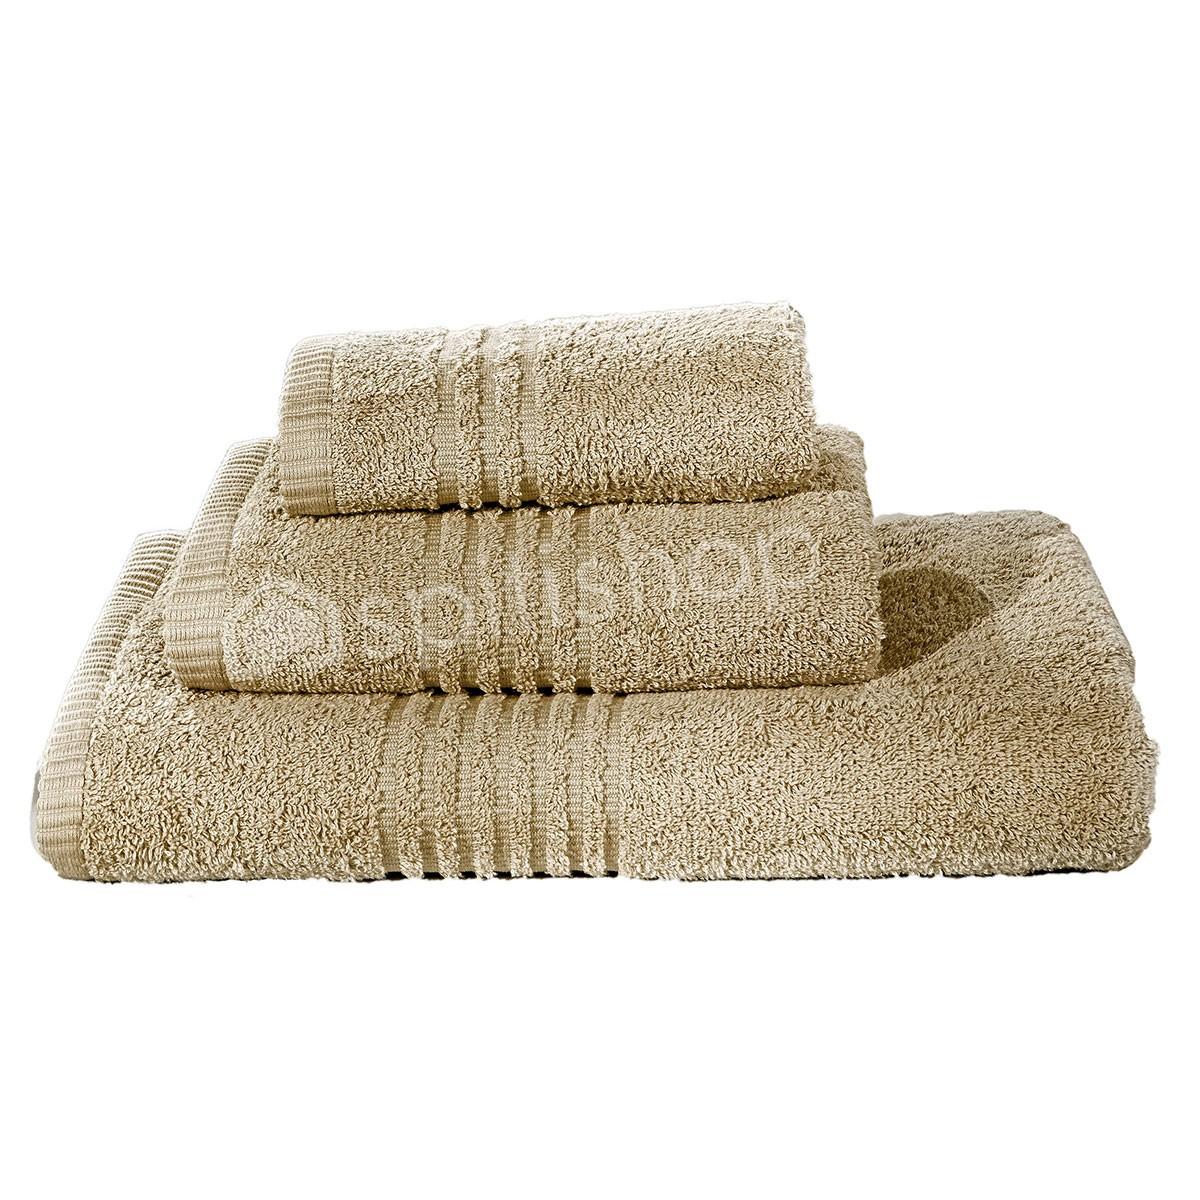 Πετσέτες Μπάνιου (Σετ 3τμχ) Nima Savoia Toffee